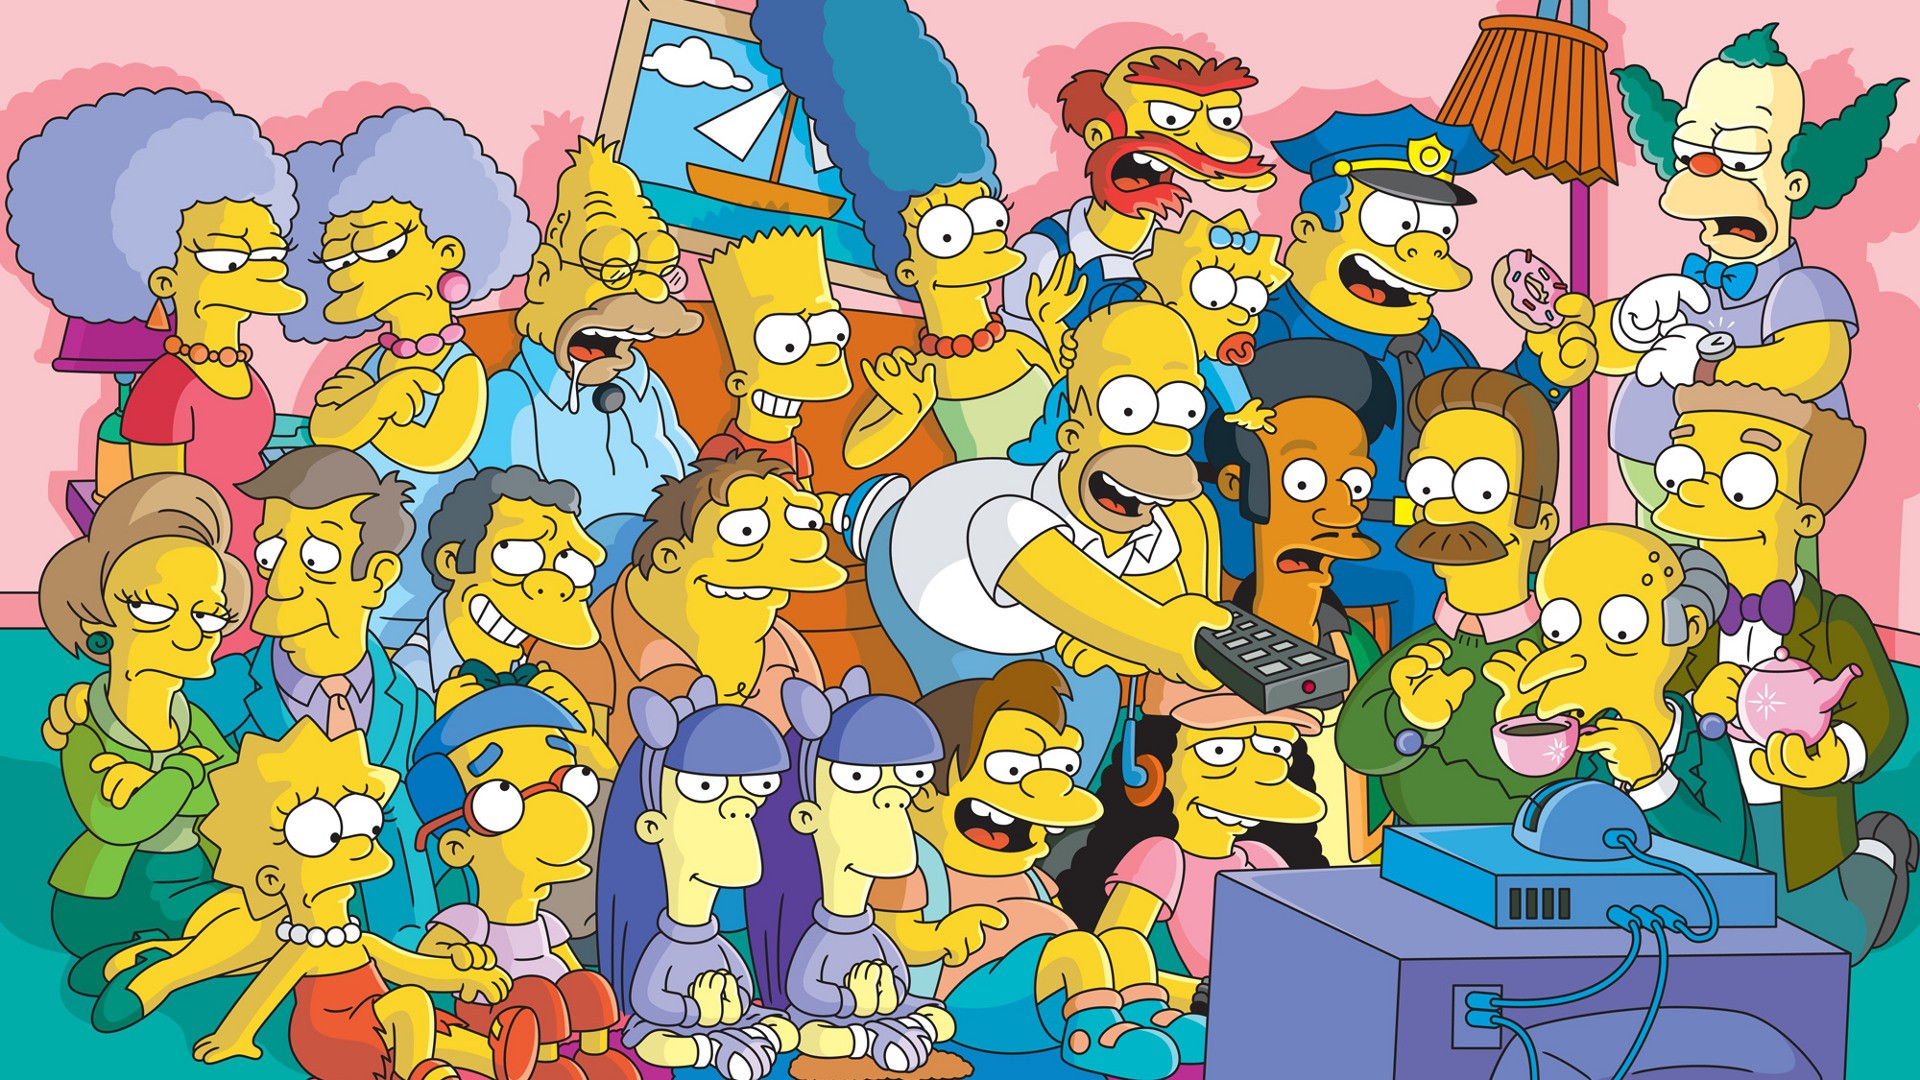 Мультипликационный сериал «Симпсоны» побьет рекорд и будет самым длительным шоу натв